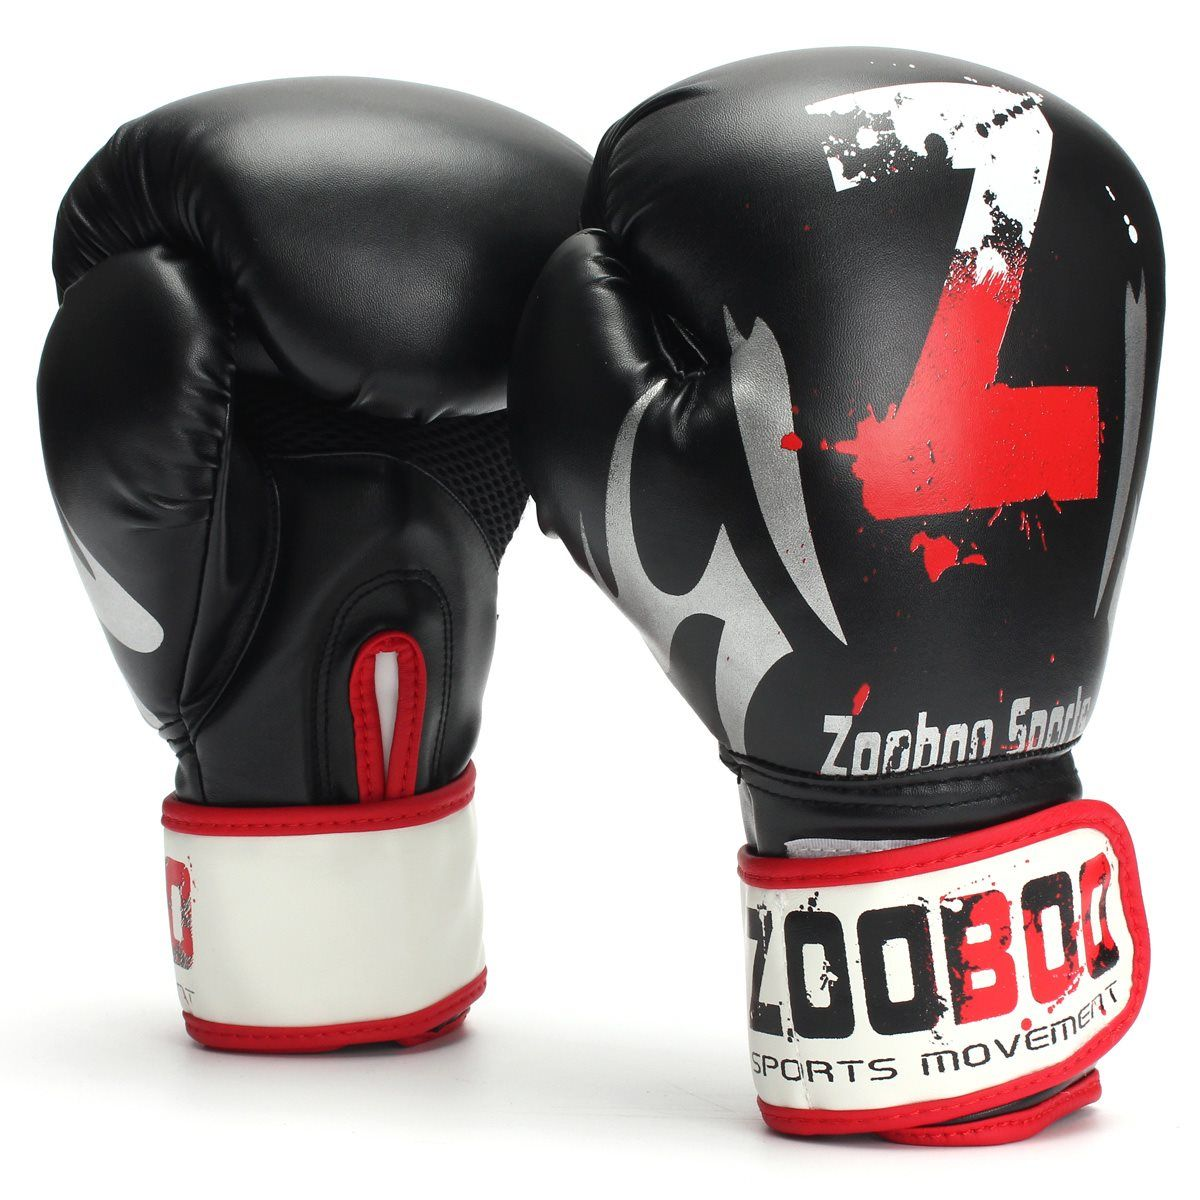 folowe Sanda Boxing Heavy Sac de Boxe pour Adulte Homme et Enfant